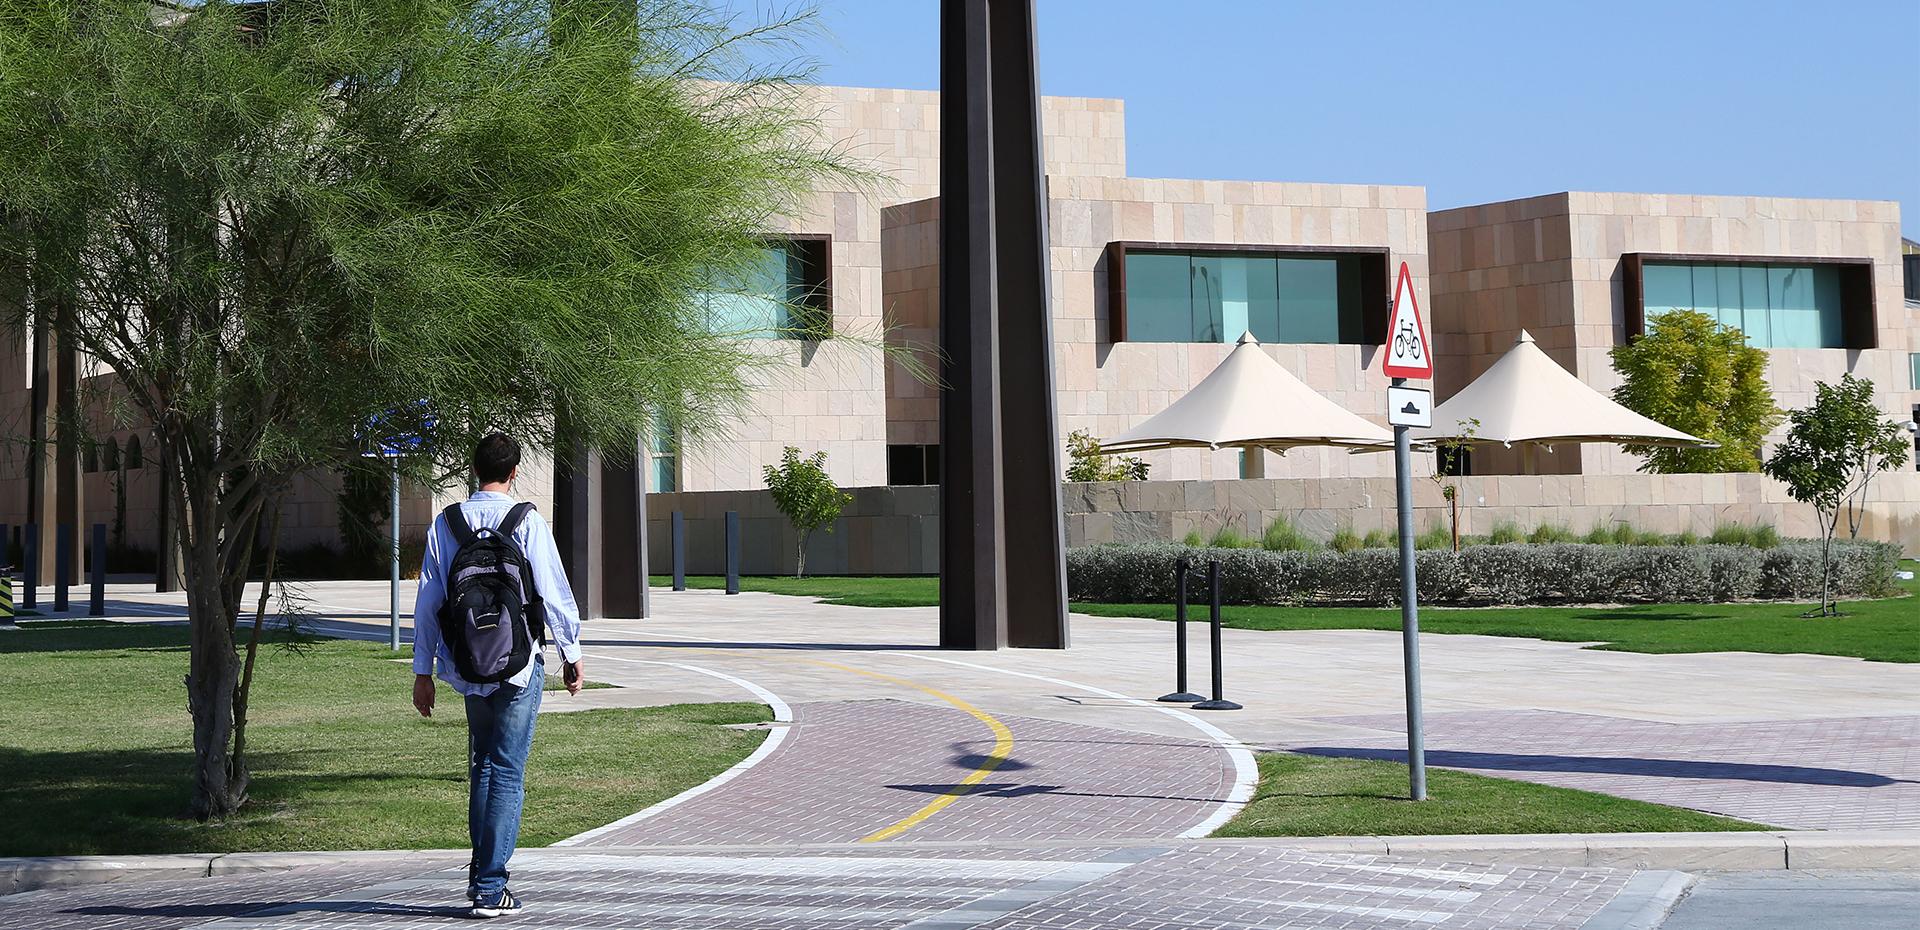 مركز طلاب المدينة التعليمية